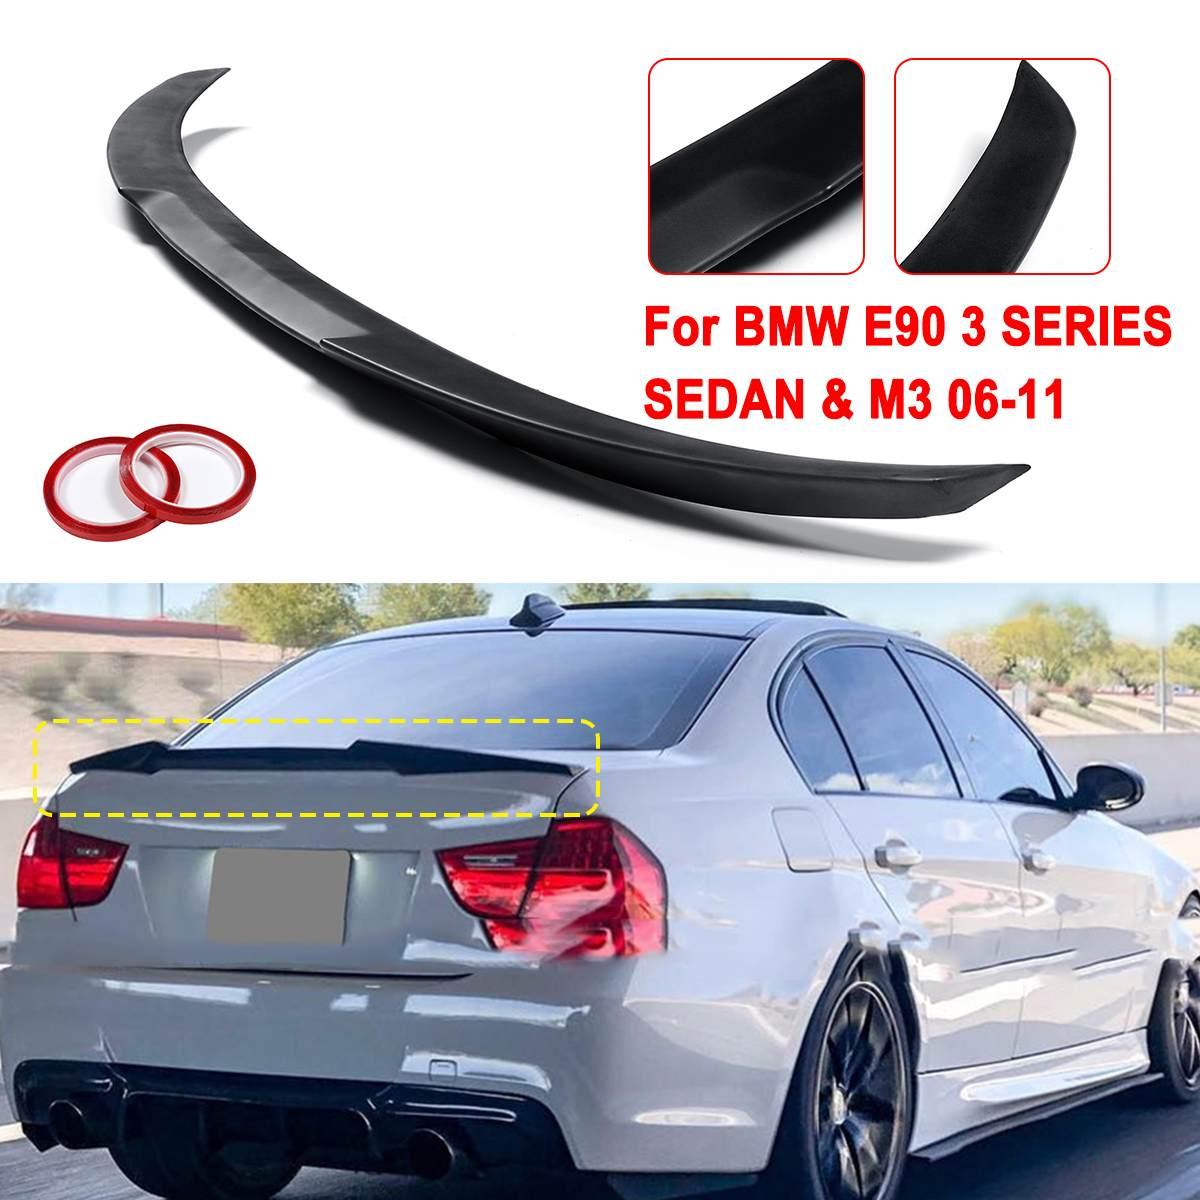 Matte/Brilhante Preto/M4-STYLE ABS Estilo fibra de carbono tronco spoiler Asa PARA 2006-2011 Para BMW E90 SÉRIE SEDAN & M3 3 2008-2012